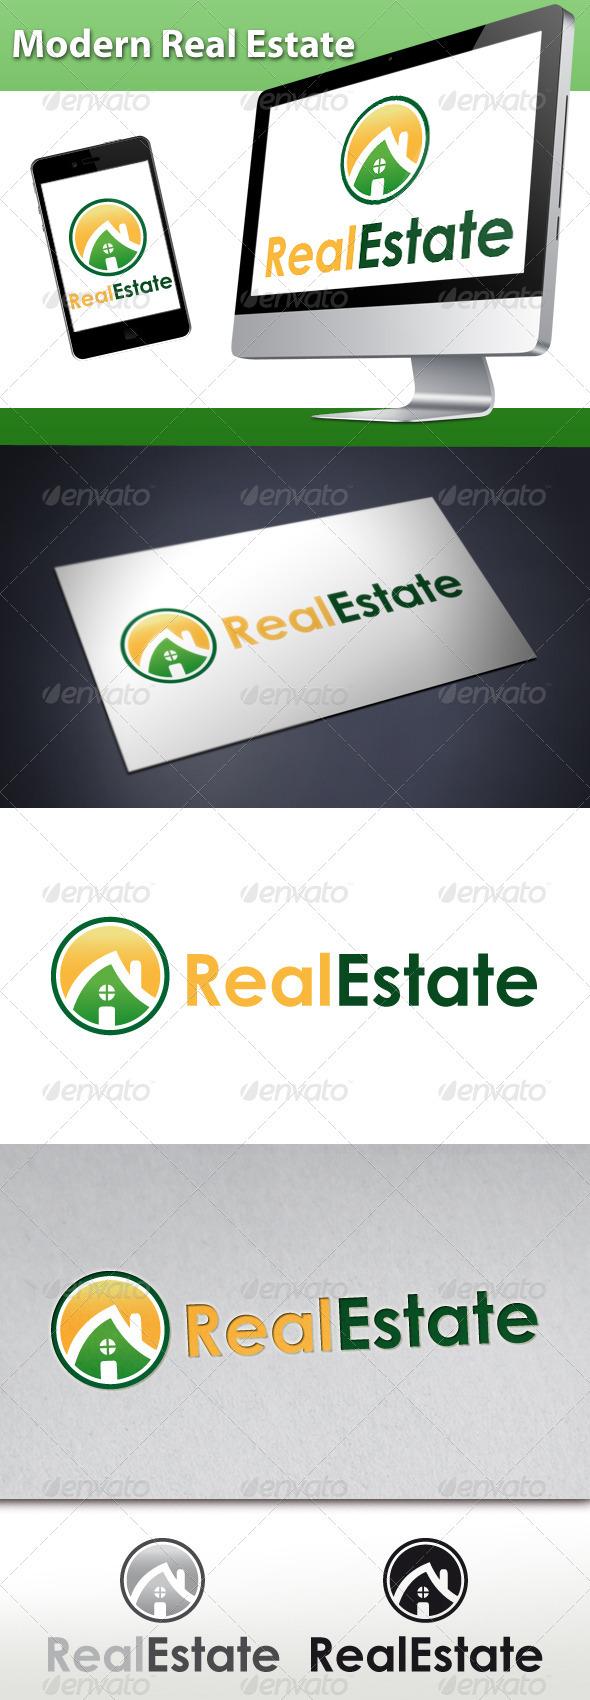 Modern Real Estate Logo 1